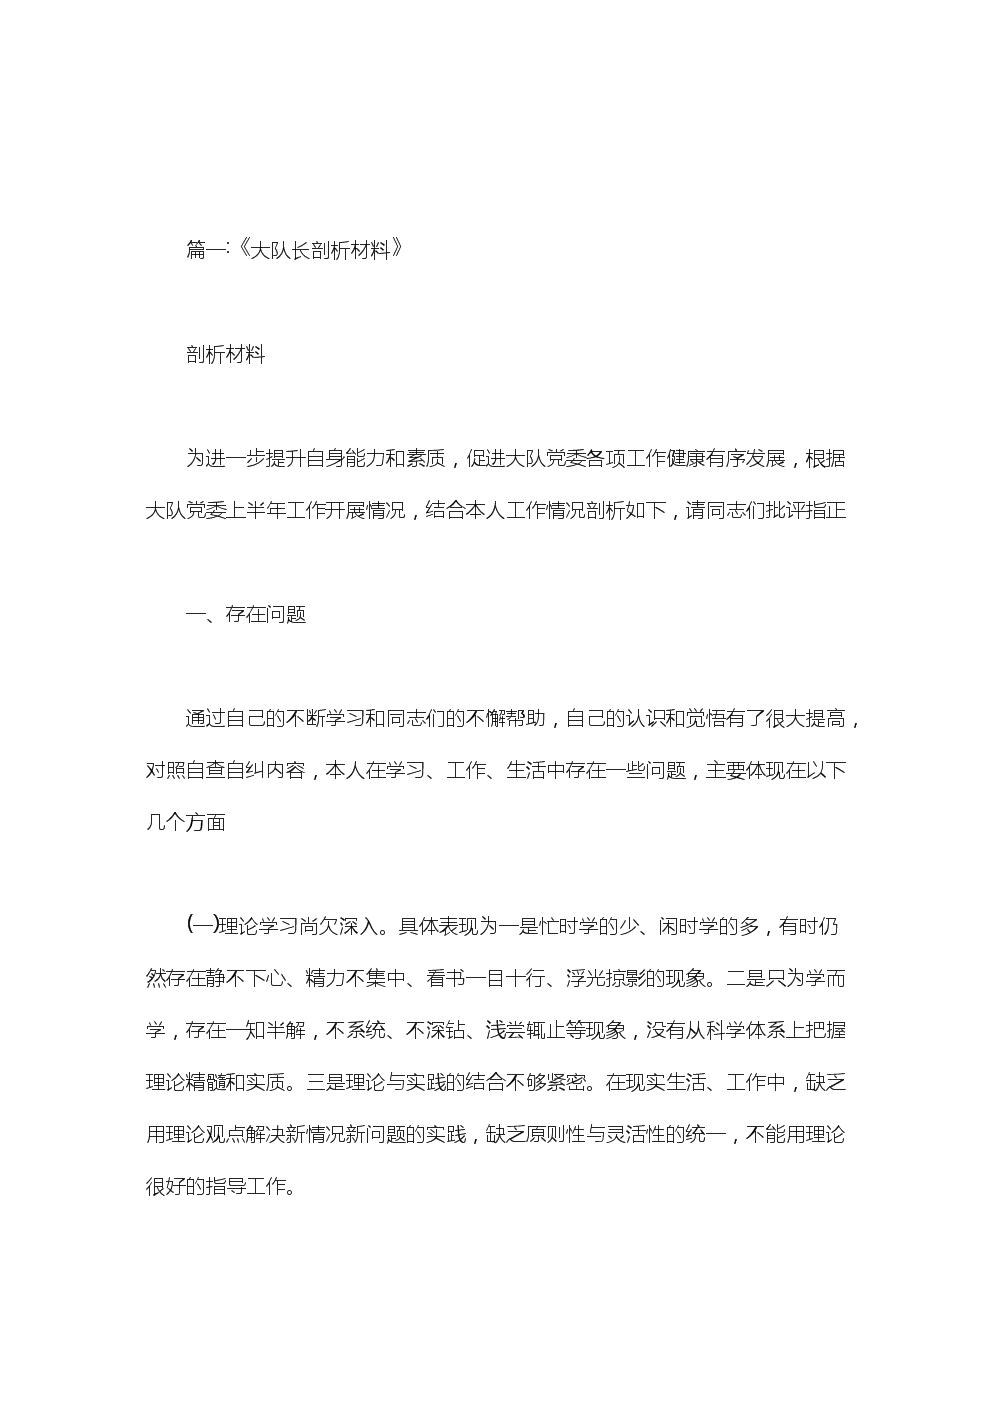 大隊長黨性分析材料范文.doc